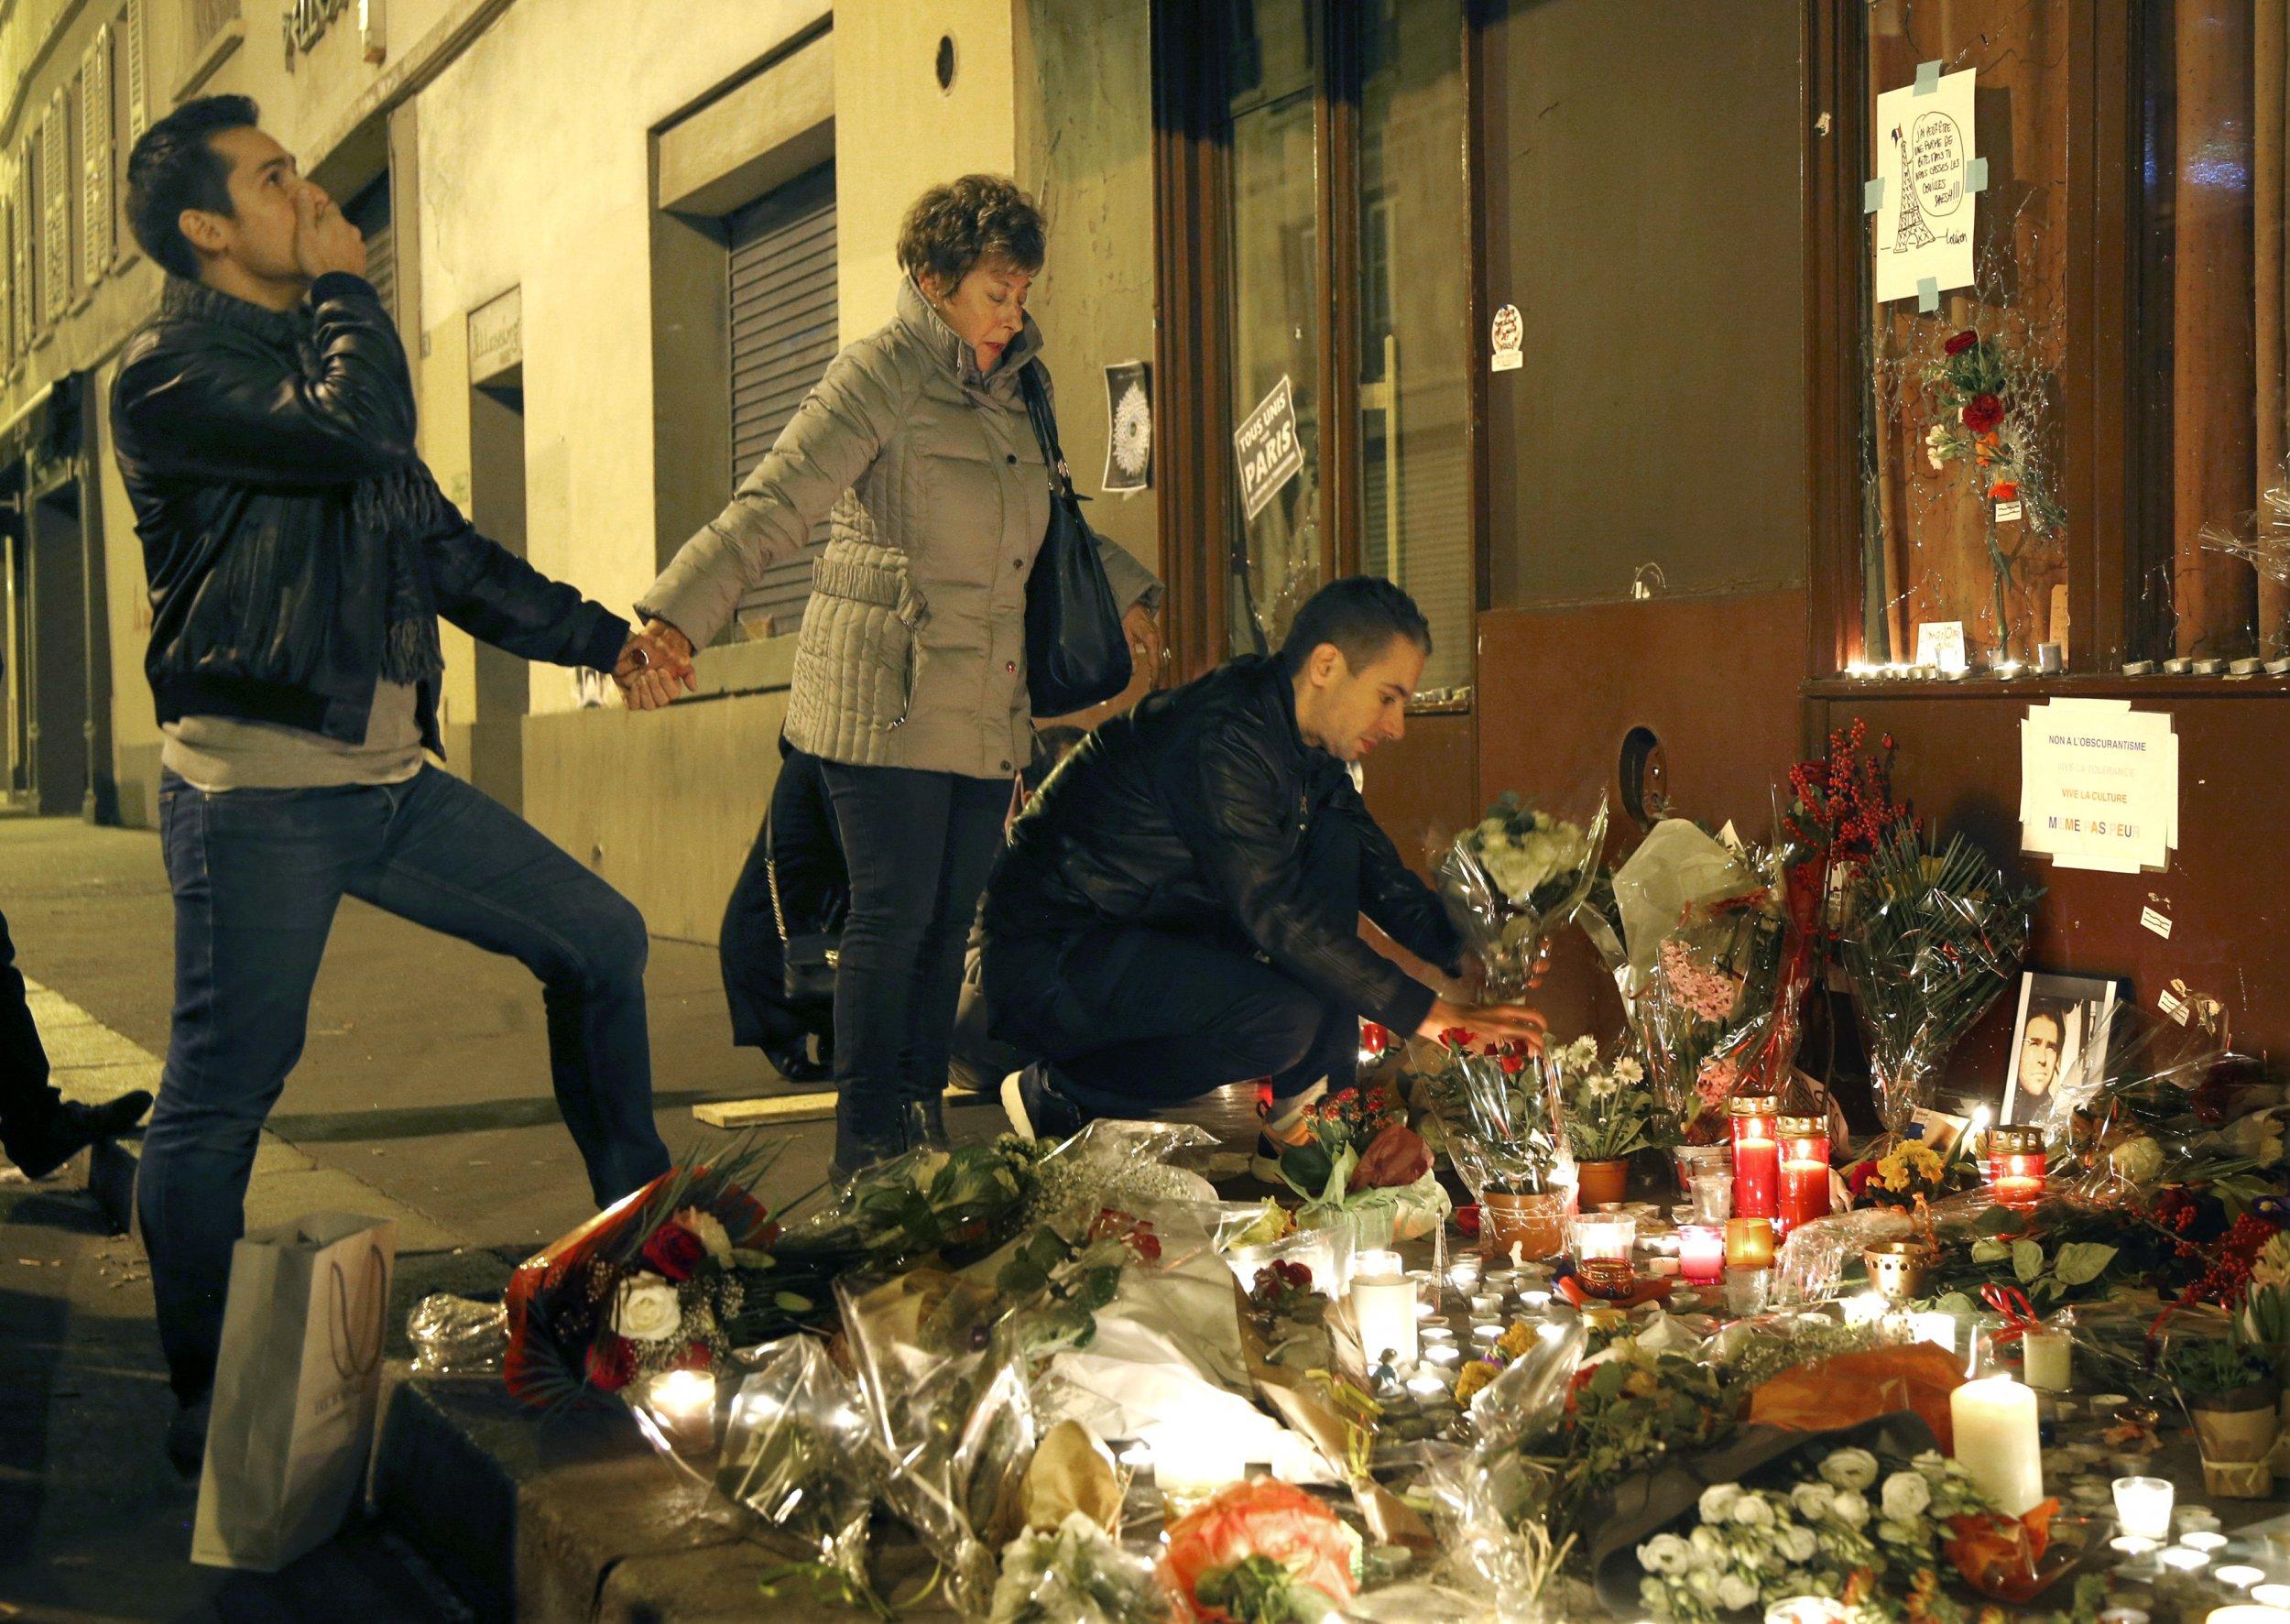 11_15_2015_paris_attacks